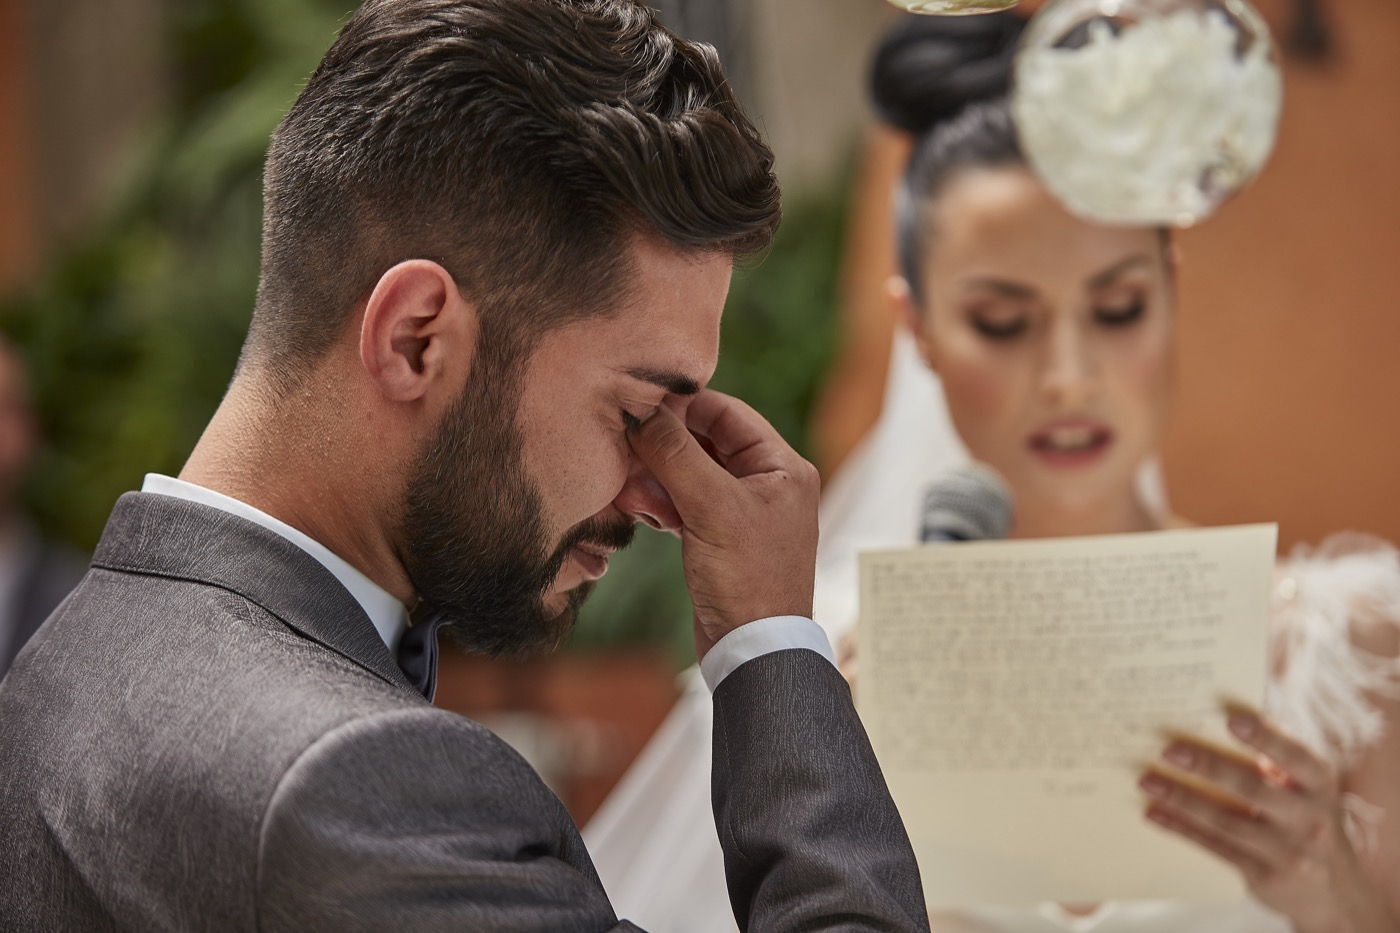 Claudio-Coppola-wedding-photographer-villa-del-cardinale-rocca-di-papa-castel-gandolfo-38